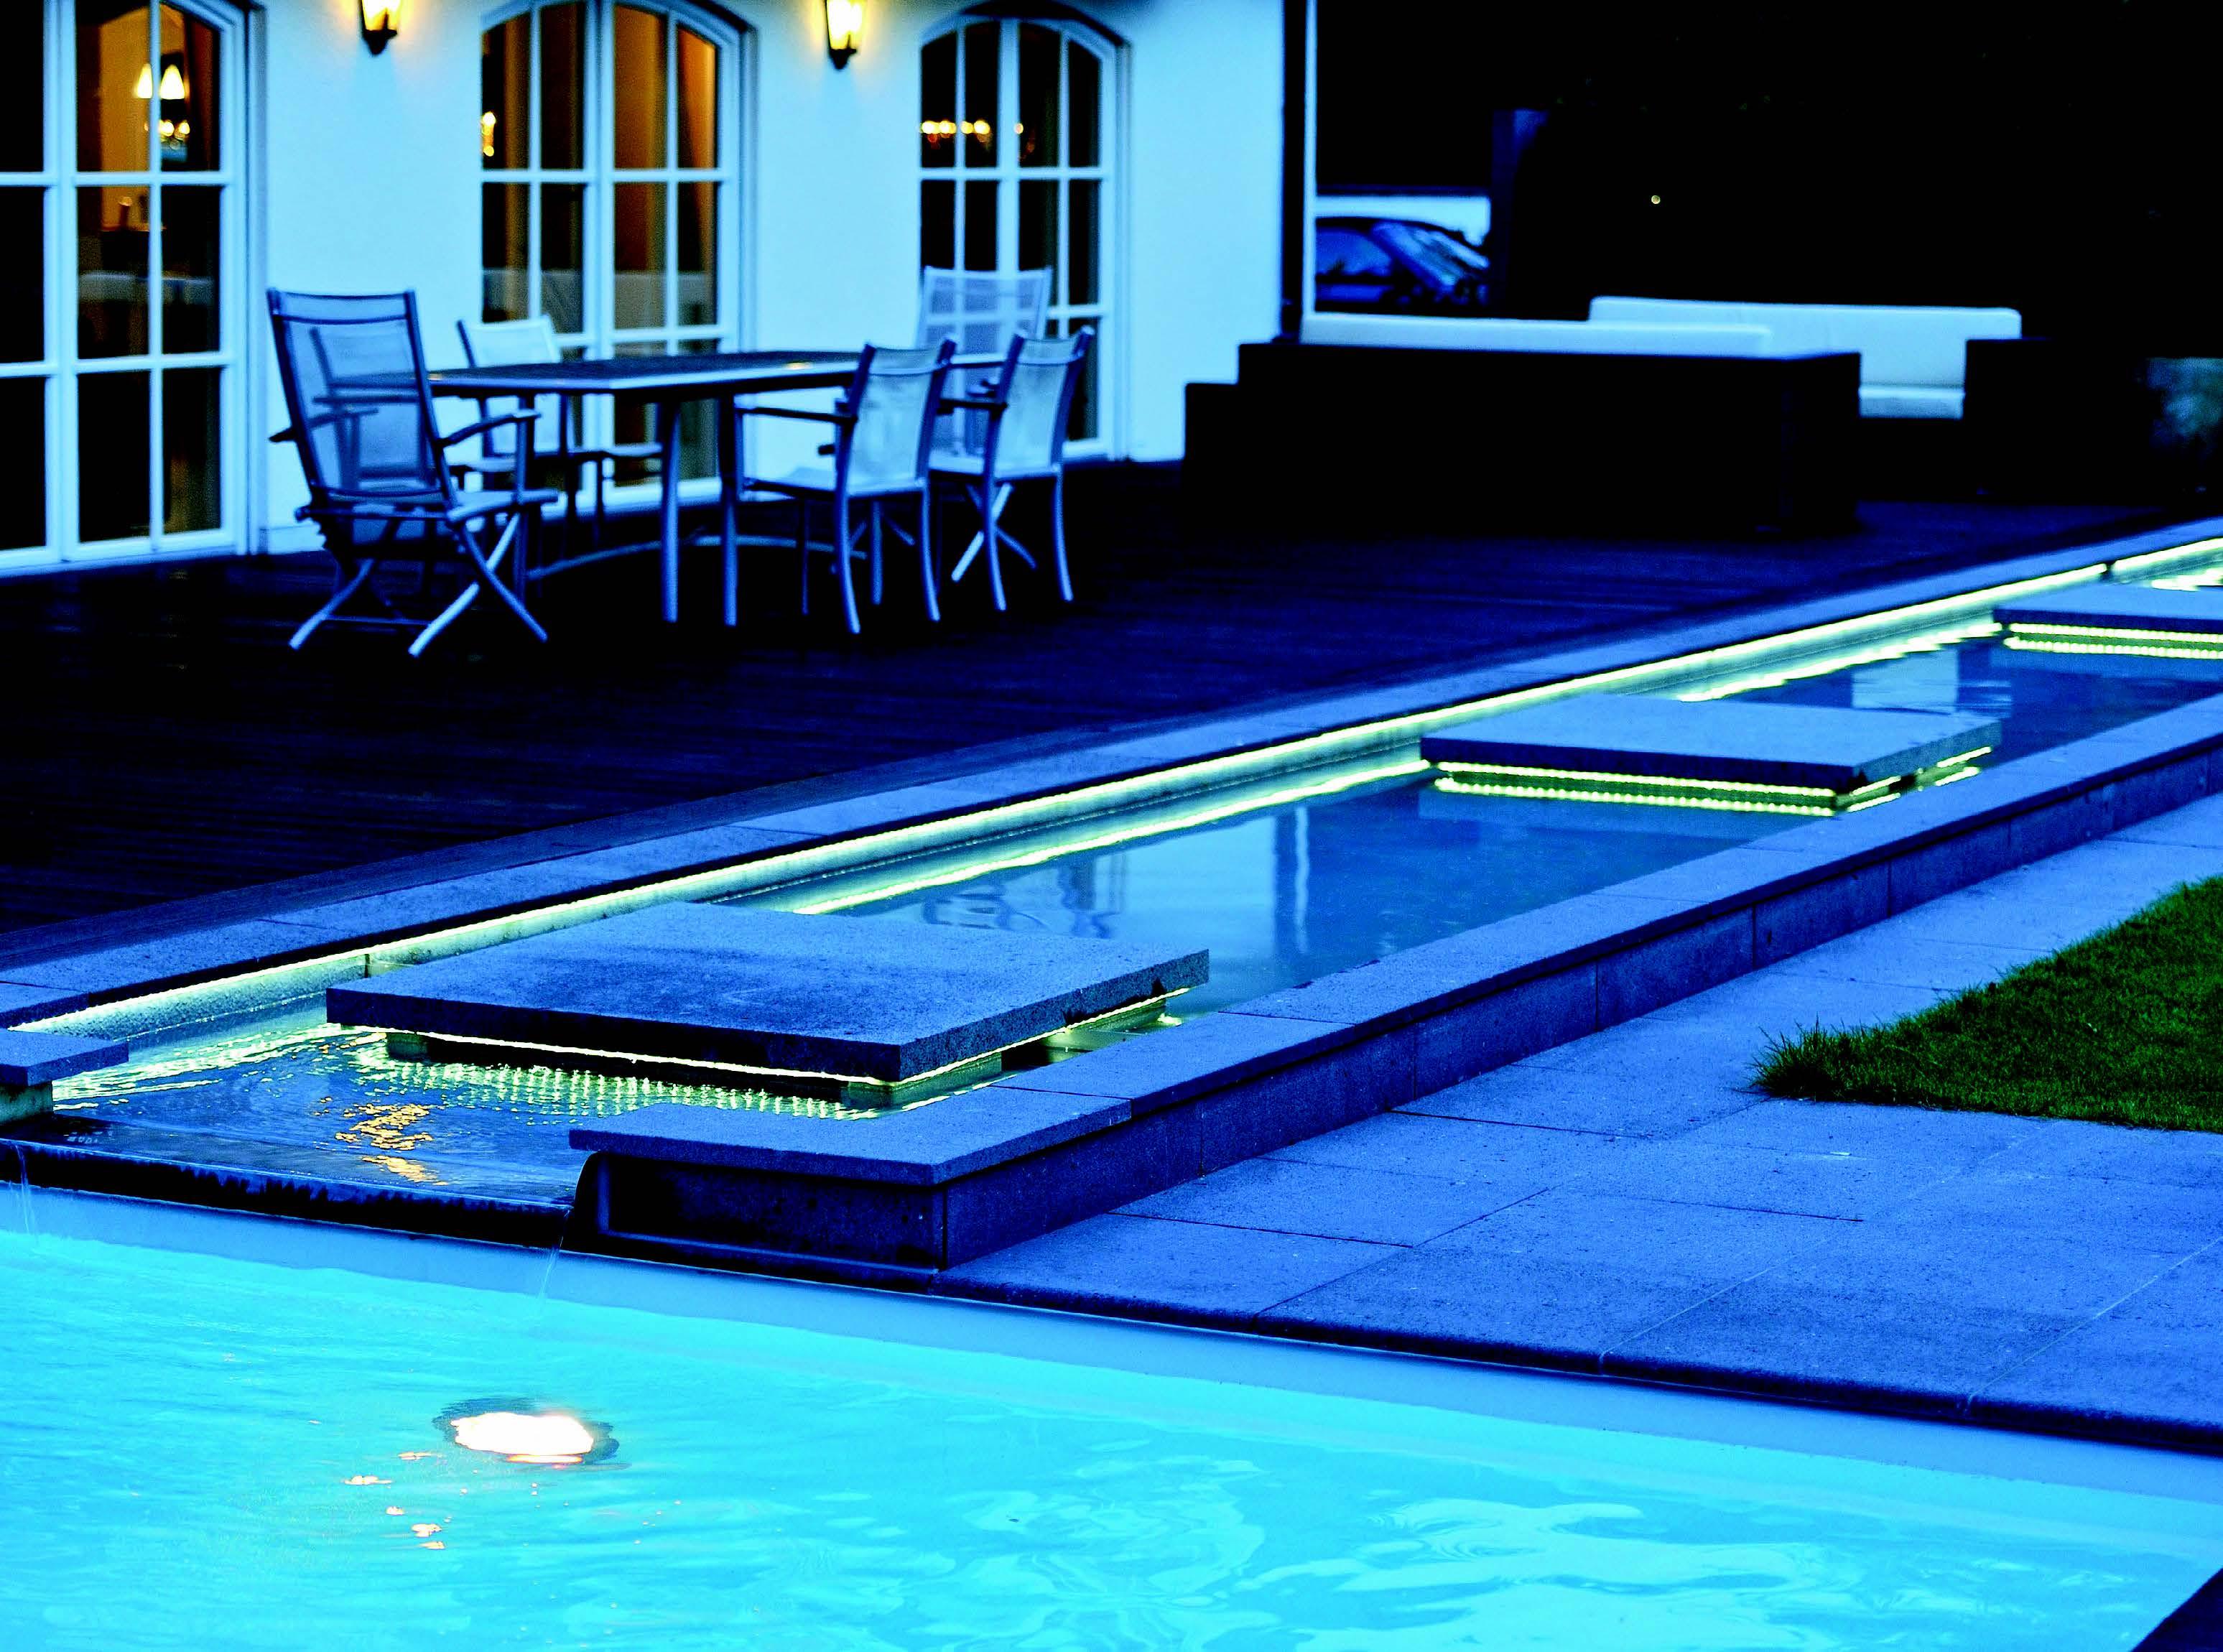 bazeni svjetlo 2